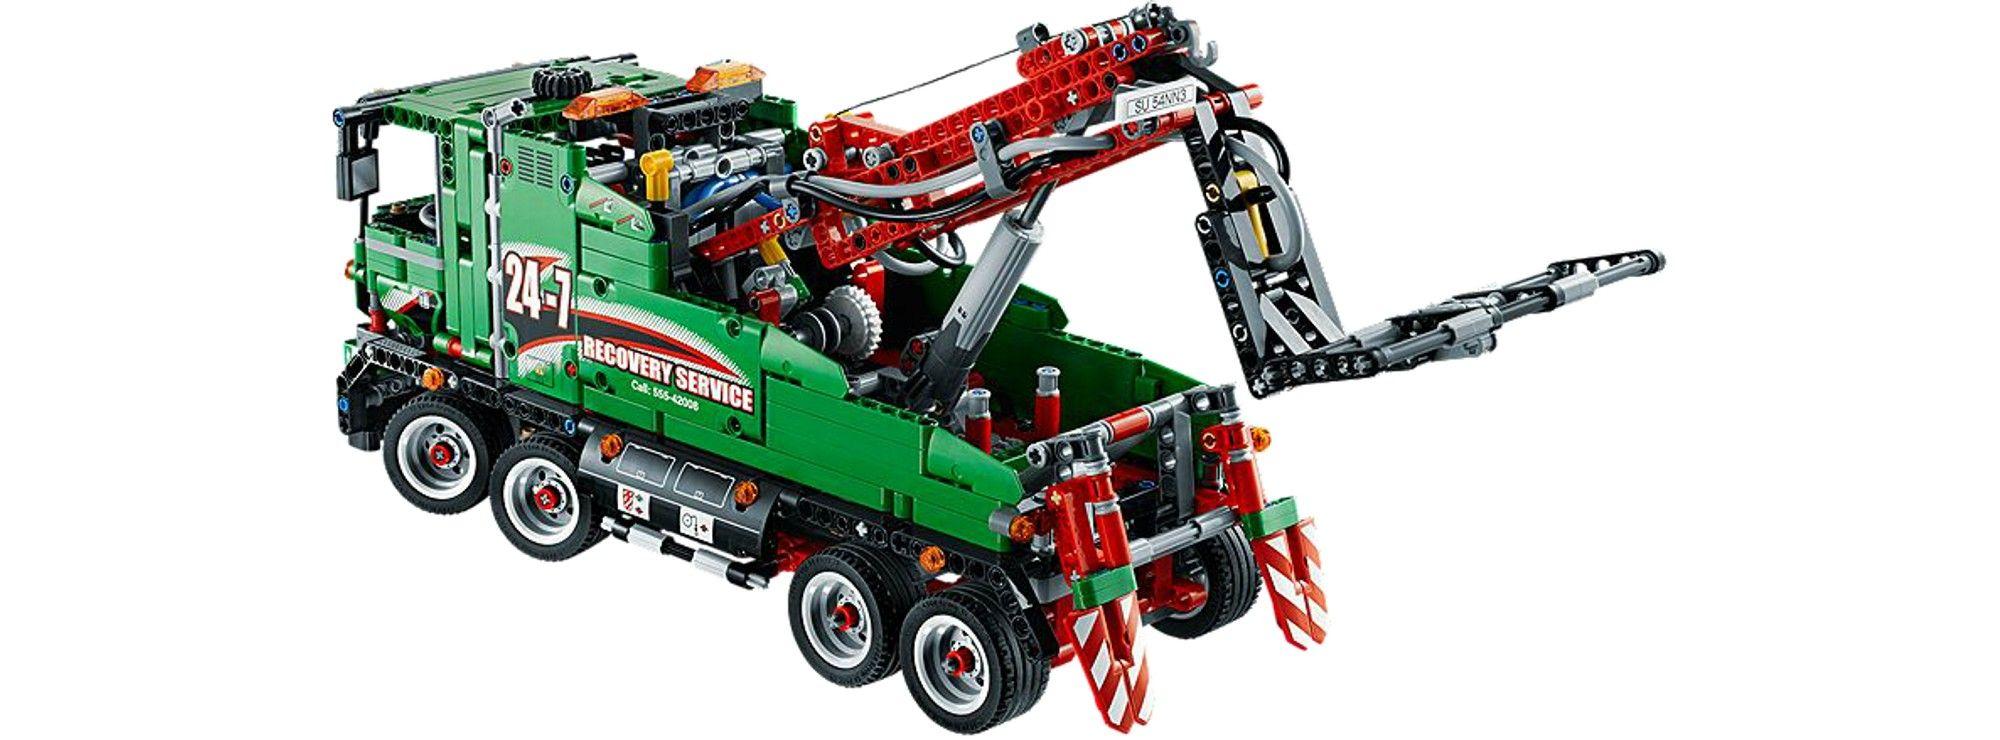 LEGO Technik Abschlepptruck 42008 günstig kaufen